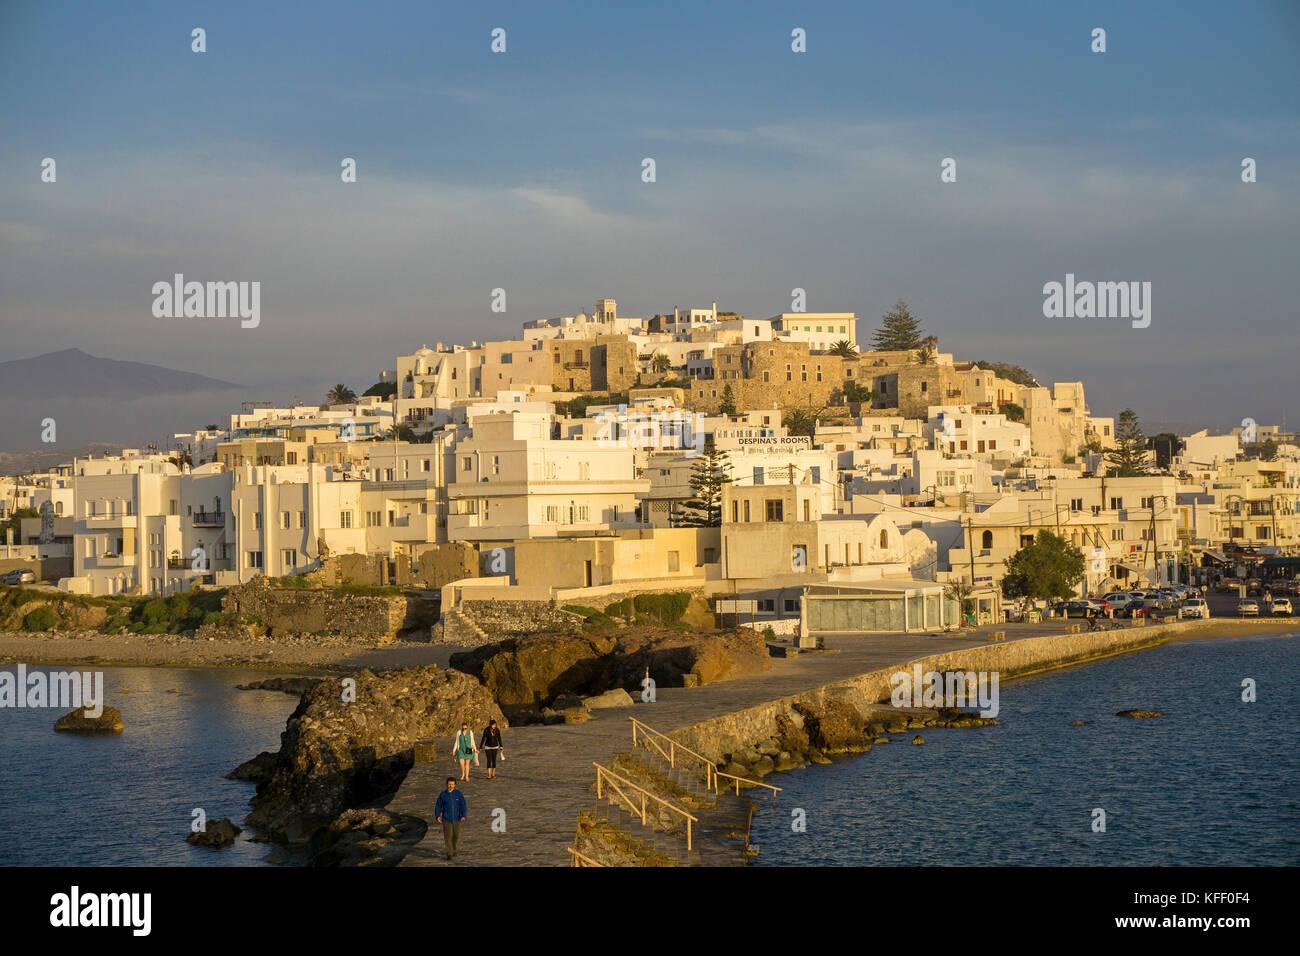 Naxos-Stadt im Abendlicht, Naxos, Kykladen, Aegaeis, Griechenland, Mittelmeer, Europa | Naxos-town, soft evening - Stock Image